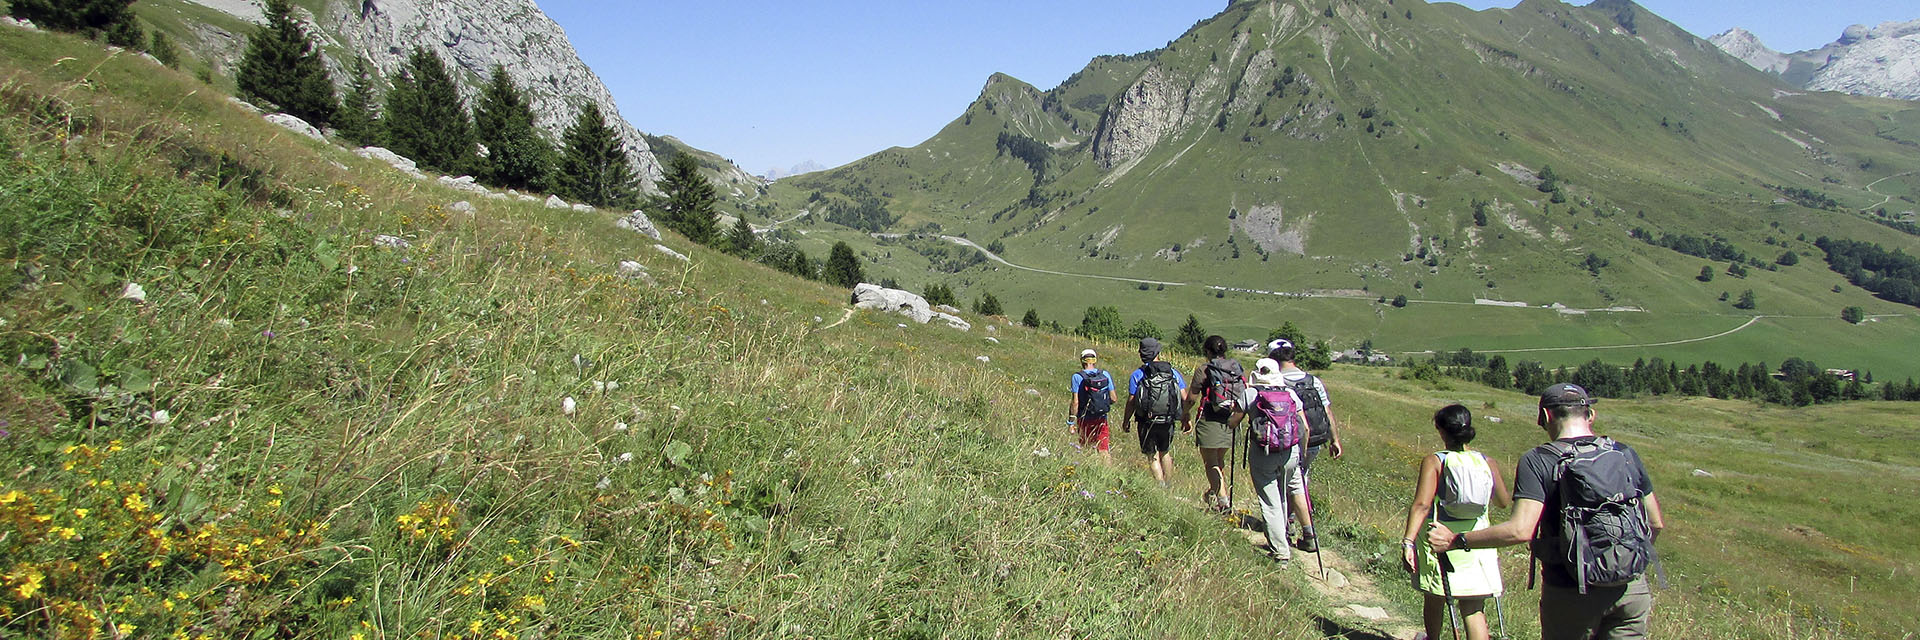 village-vacances-auberge-nordique-montagne-rando